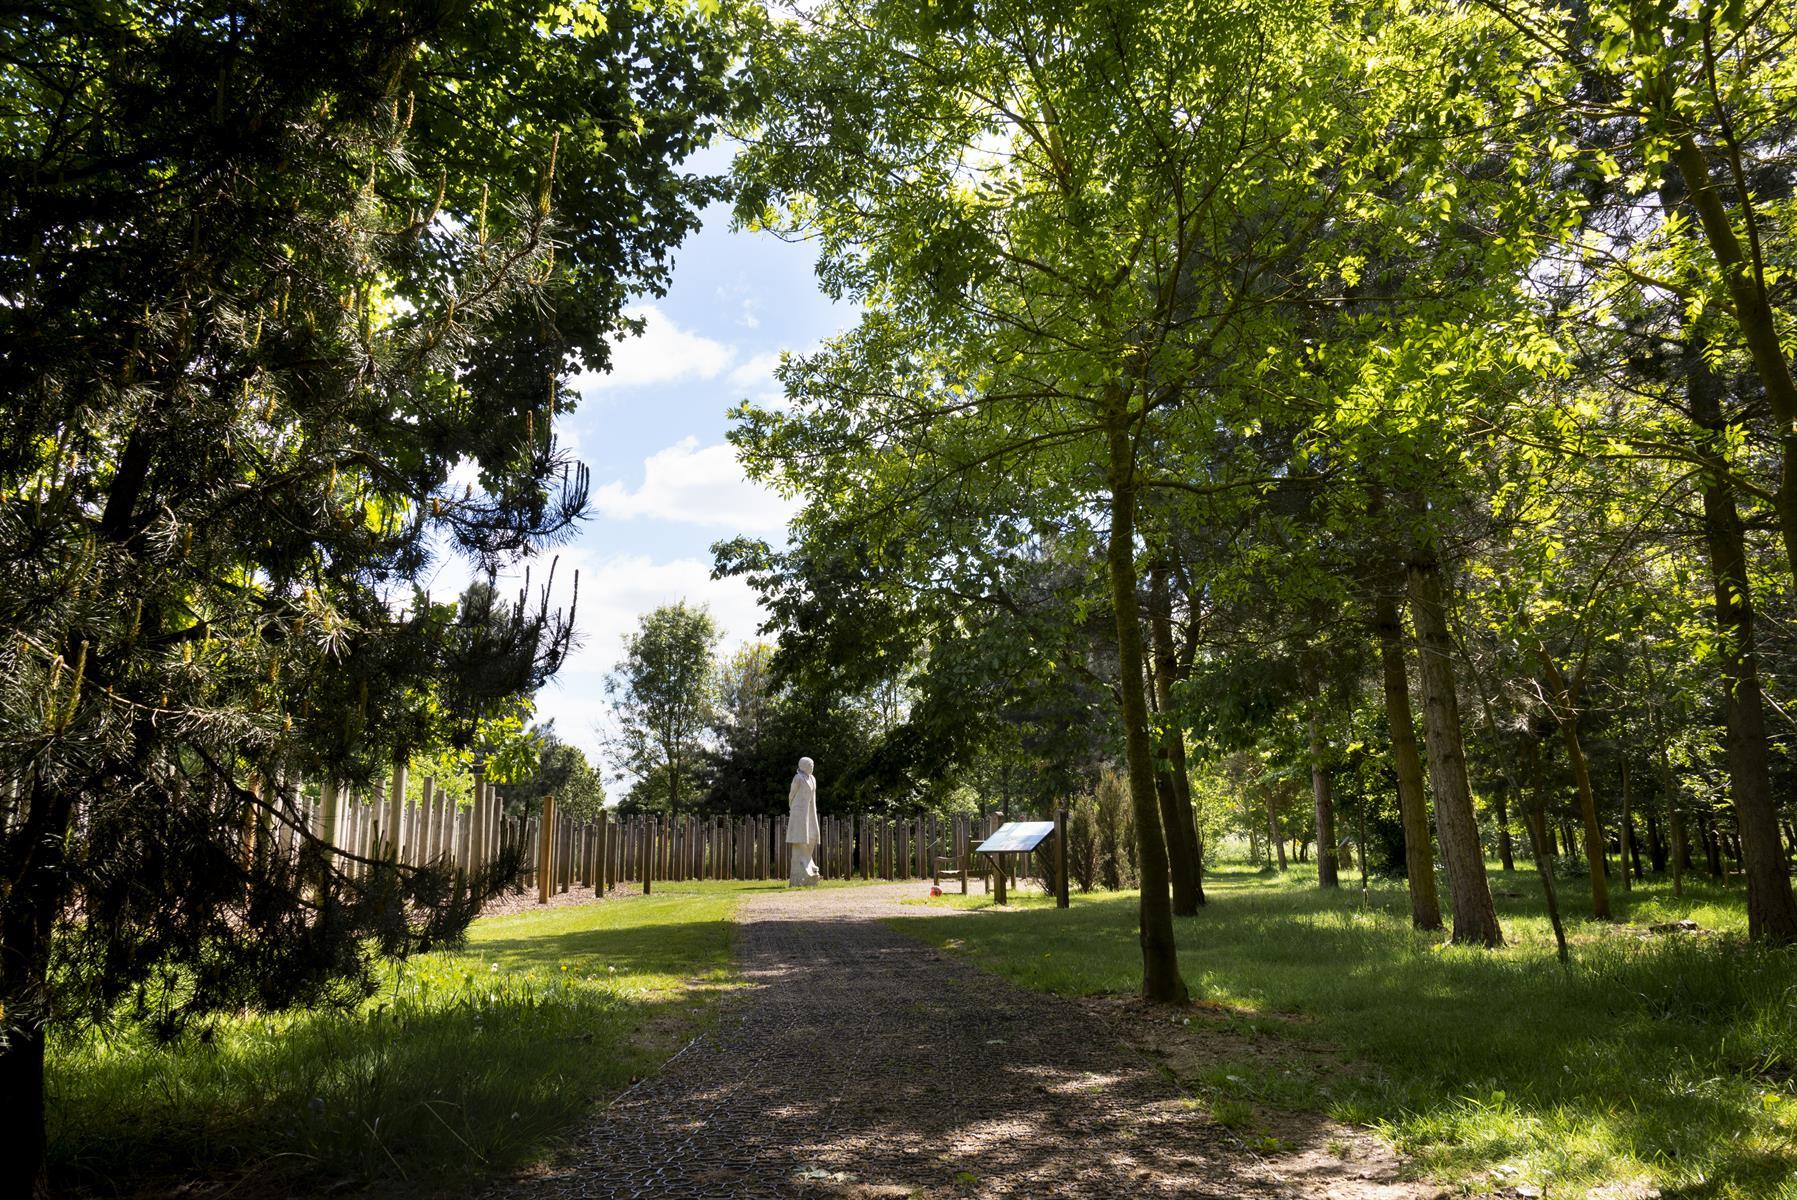 Show at Dawn Memorial through the trees